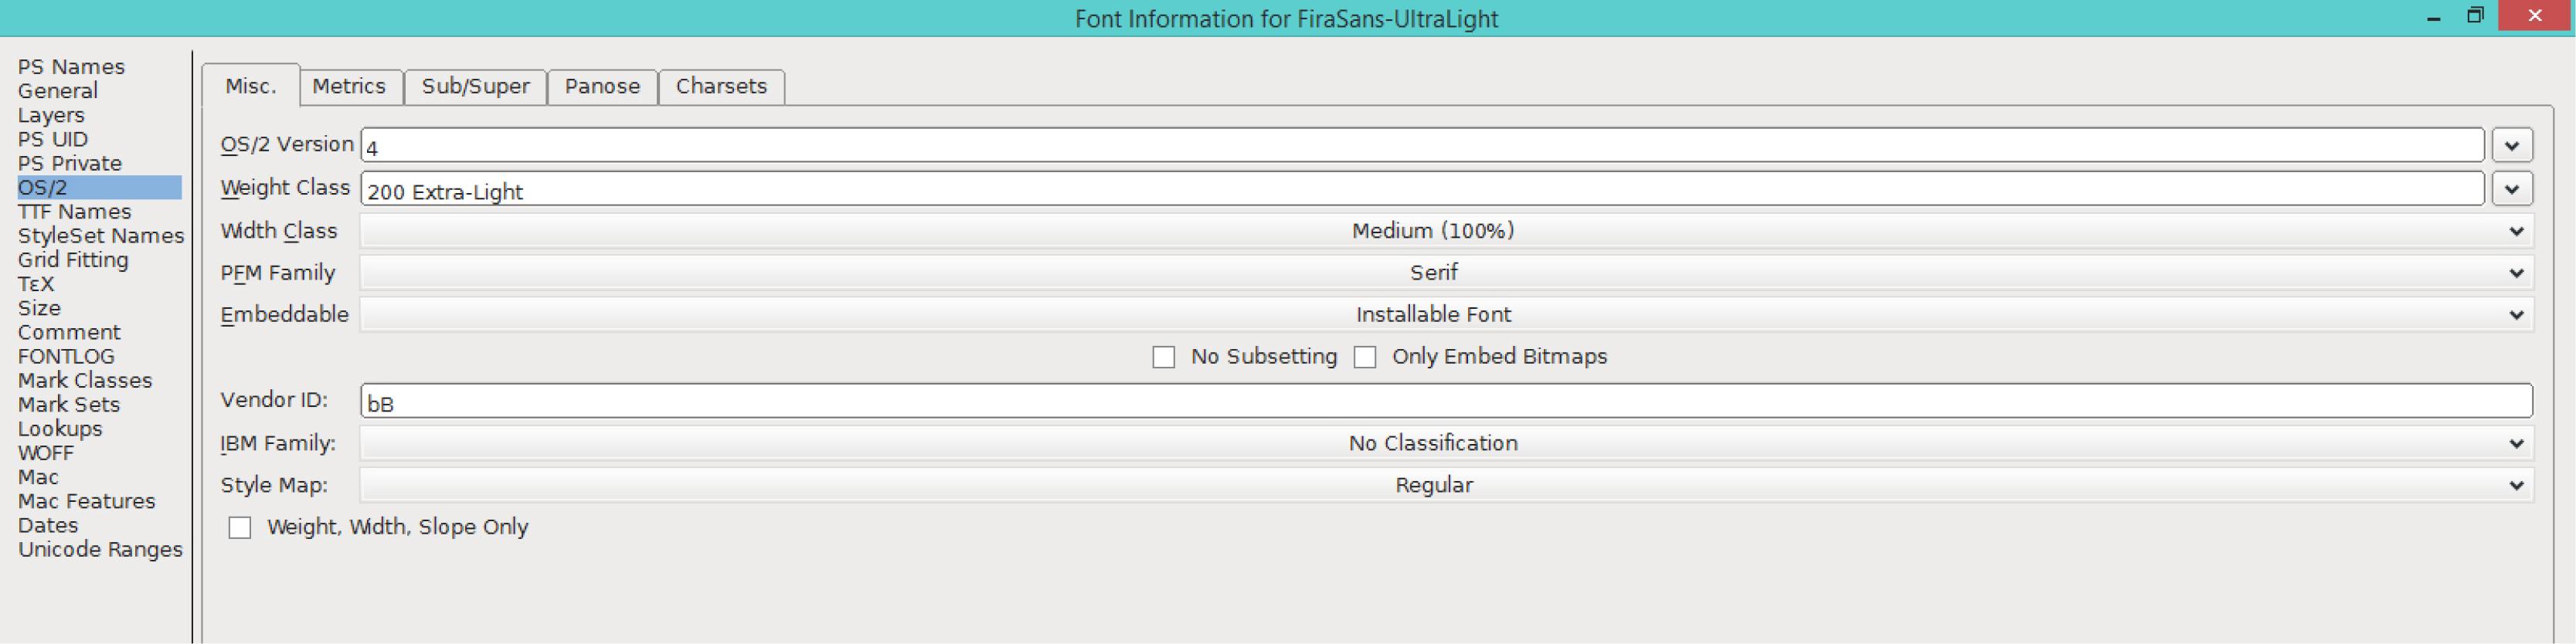 Fira Sans UltraLight (OS/2)